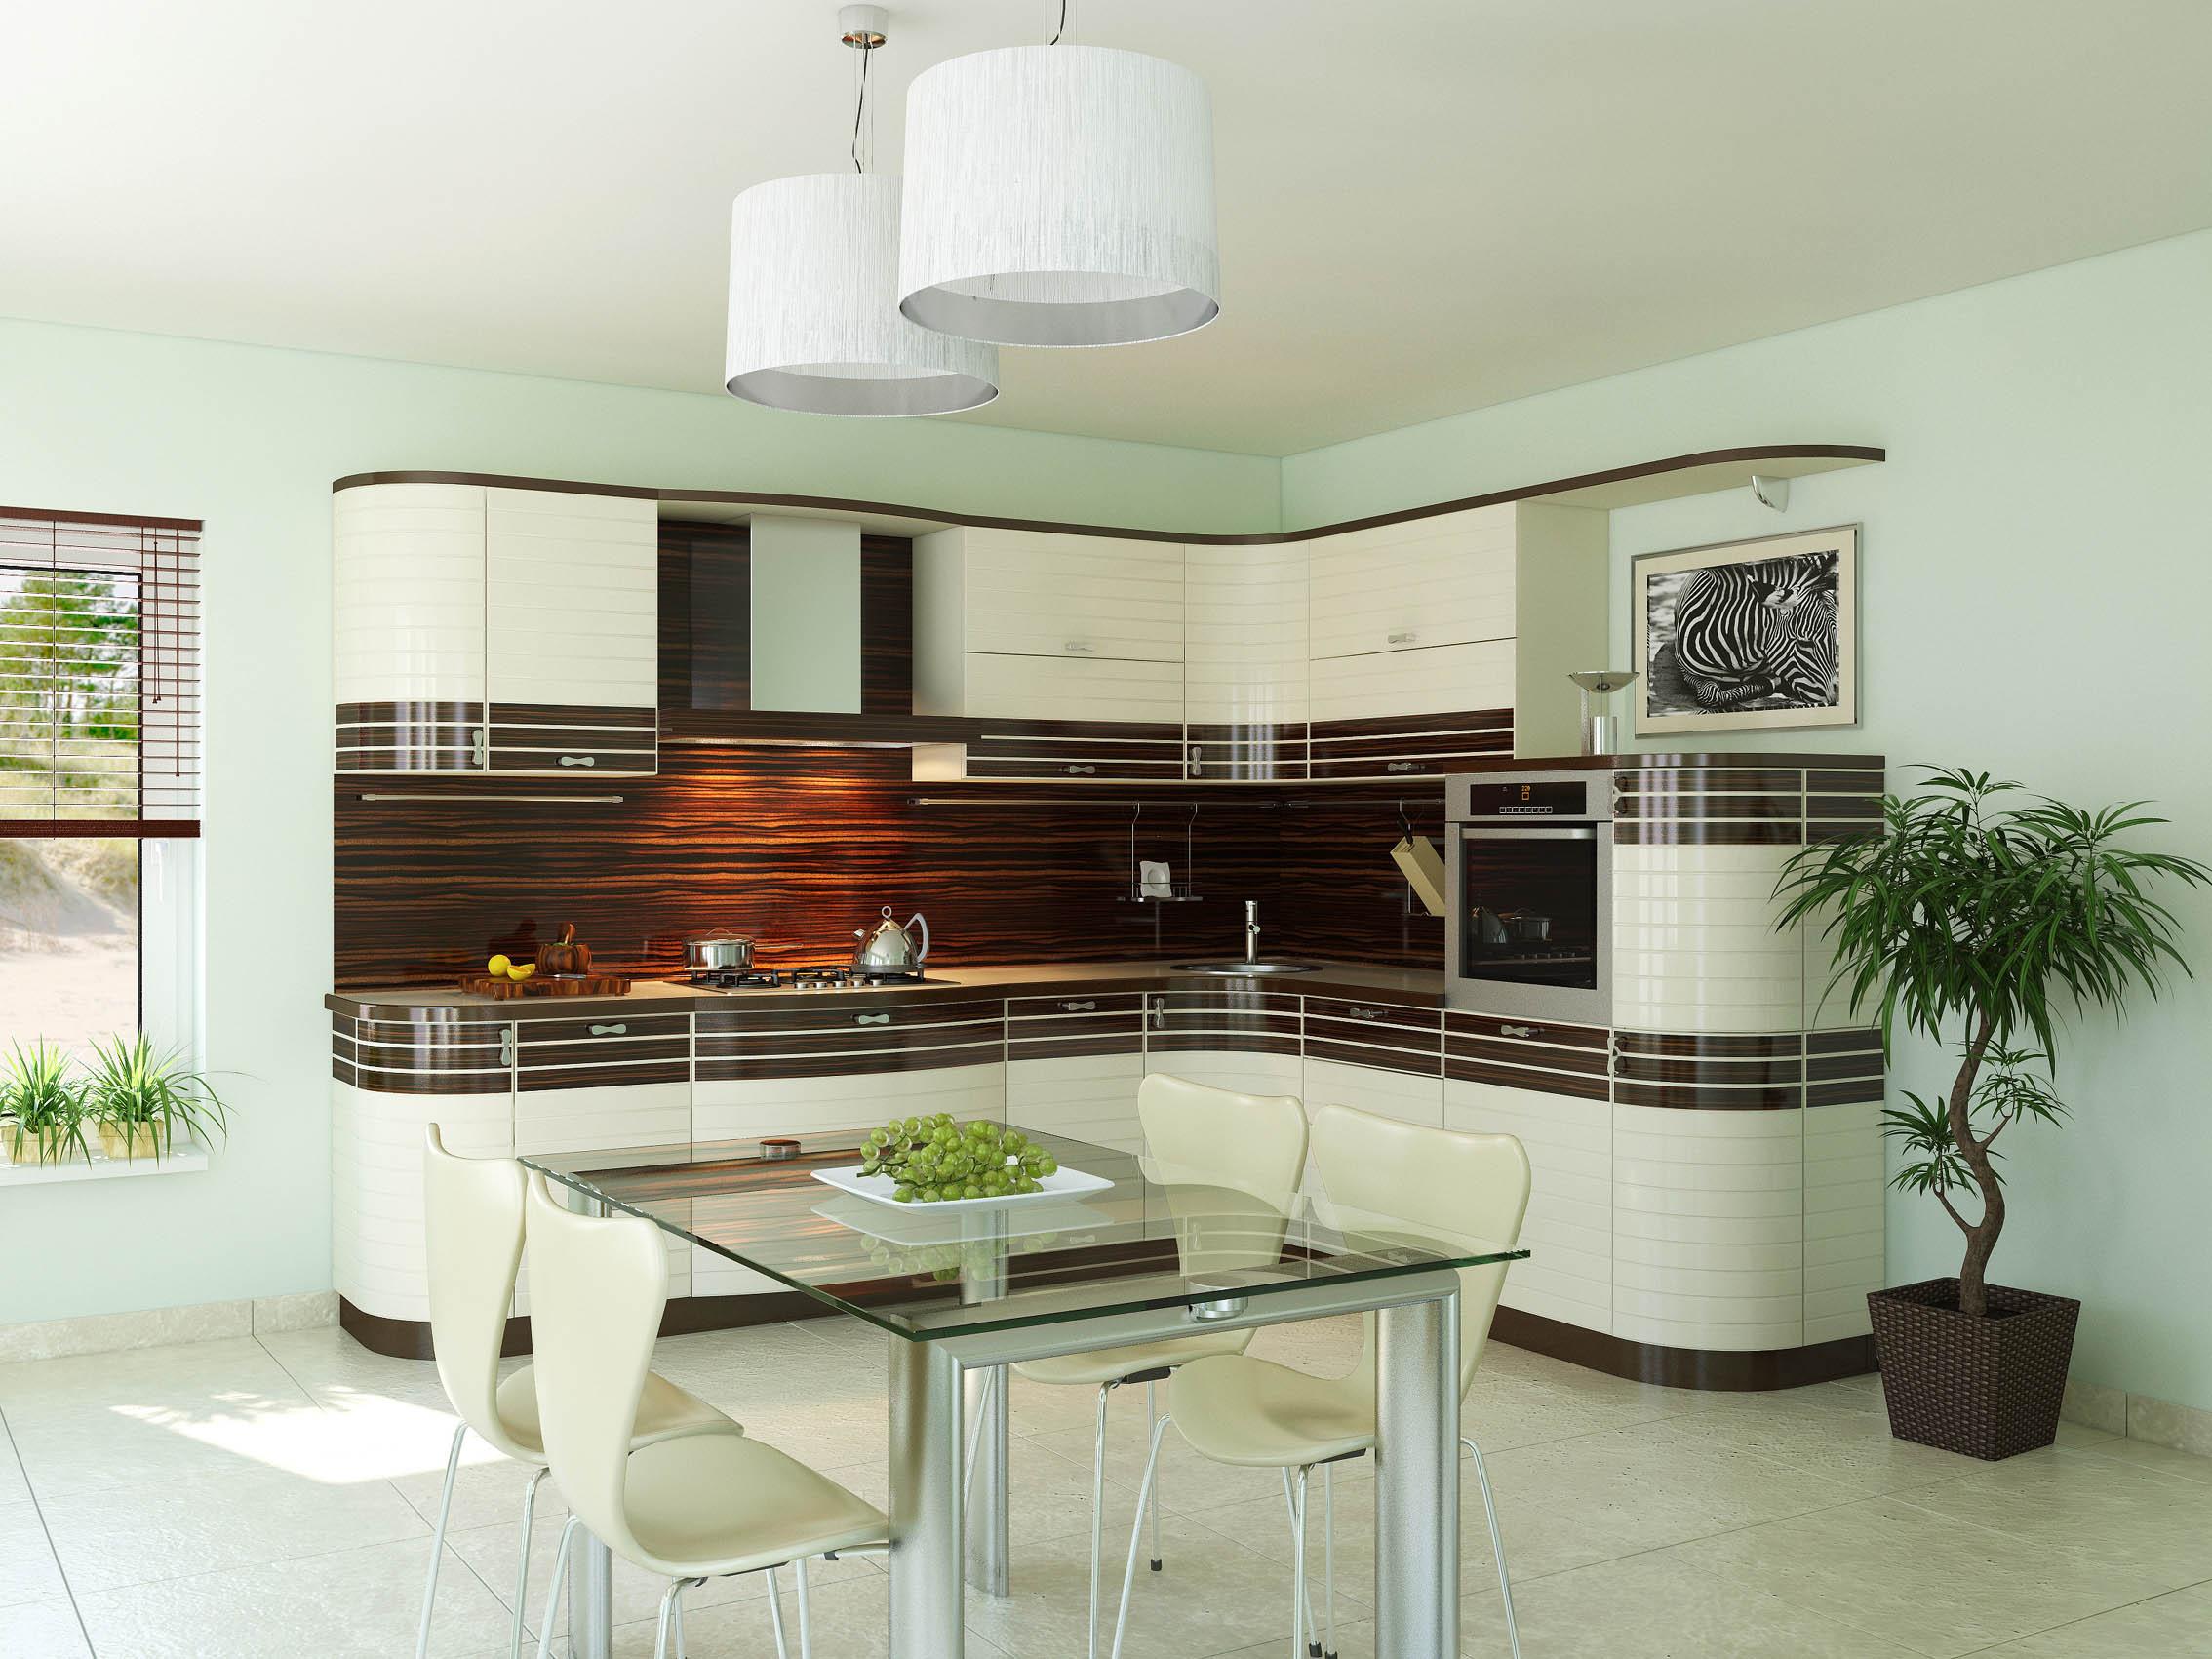 кухни модерно фото